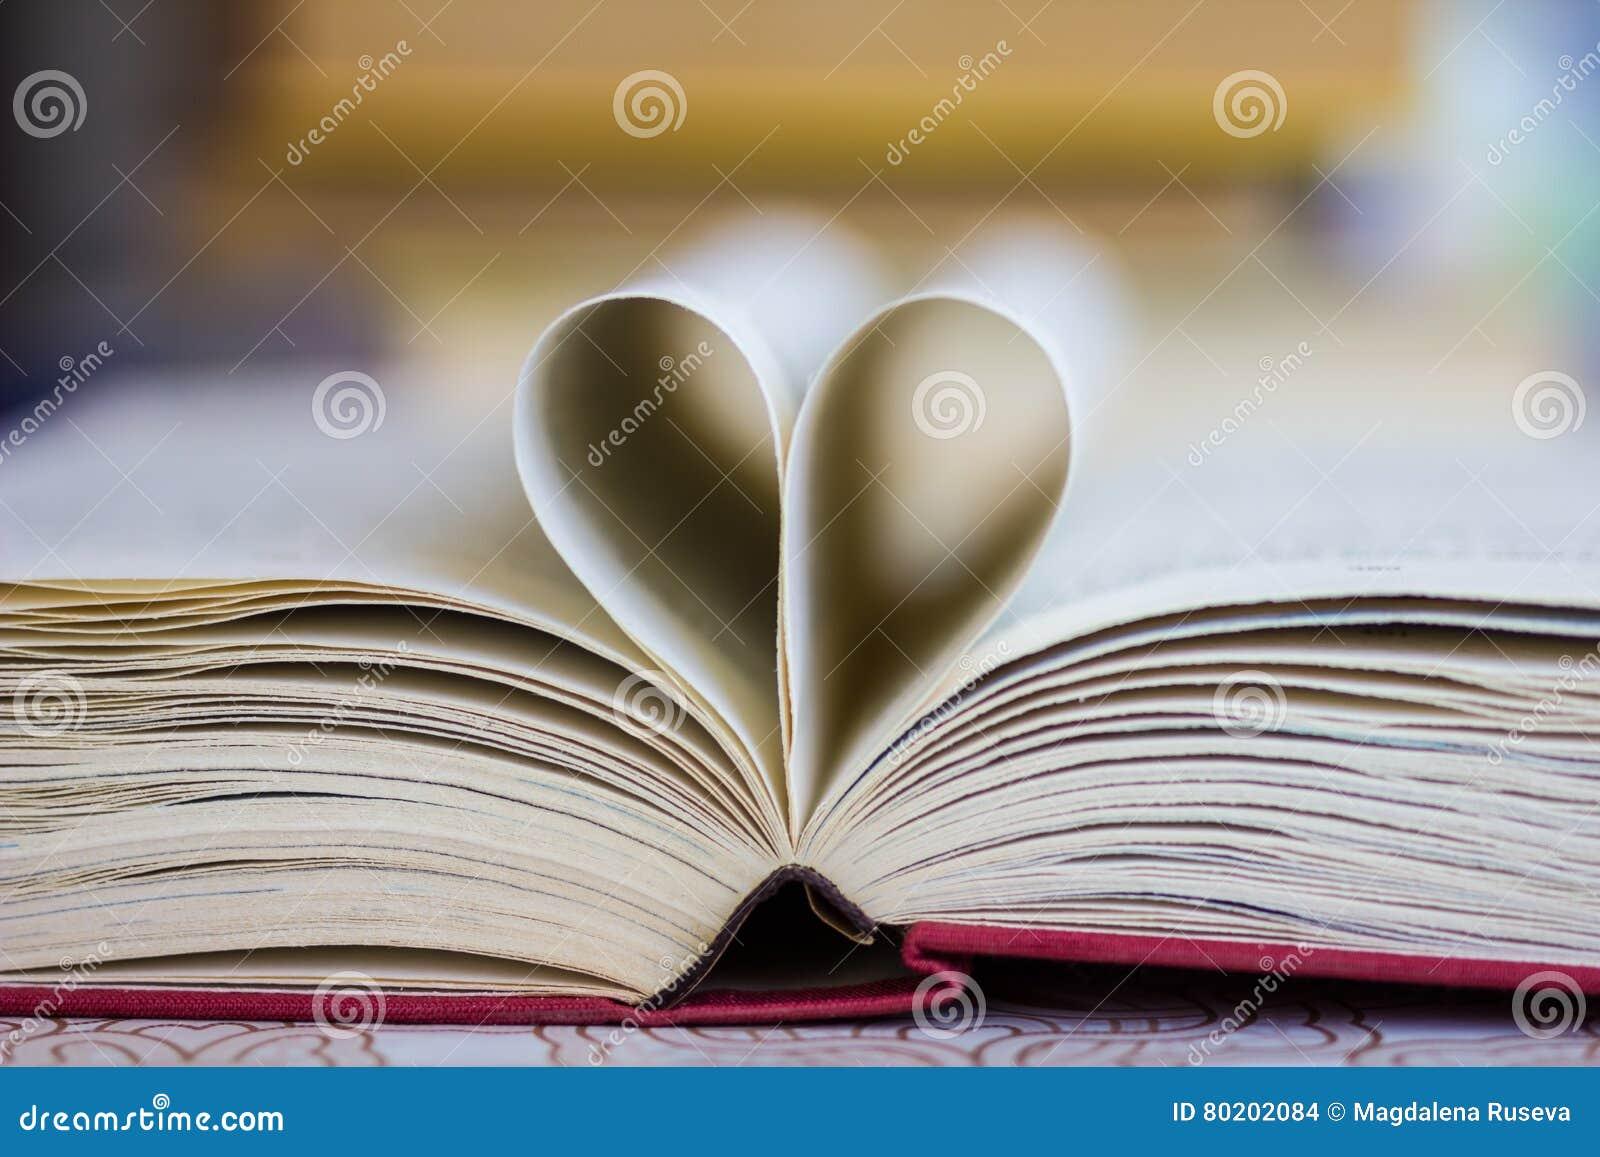 Boek met hart gestalte gegeven pagina s